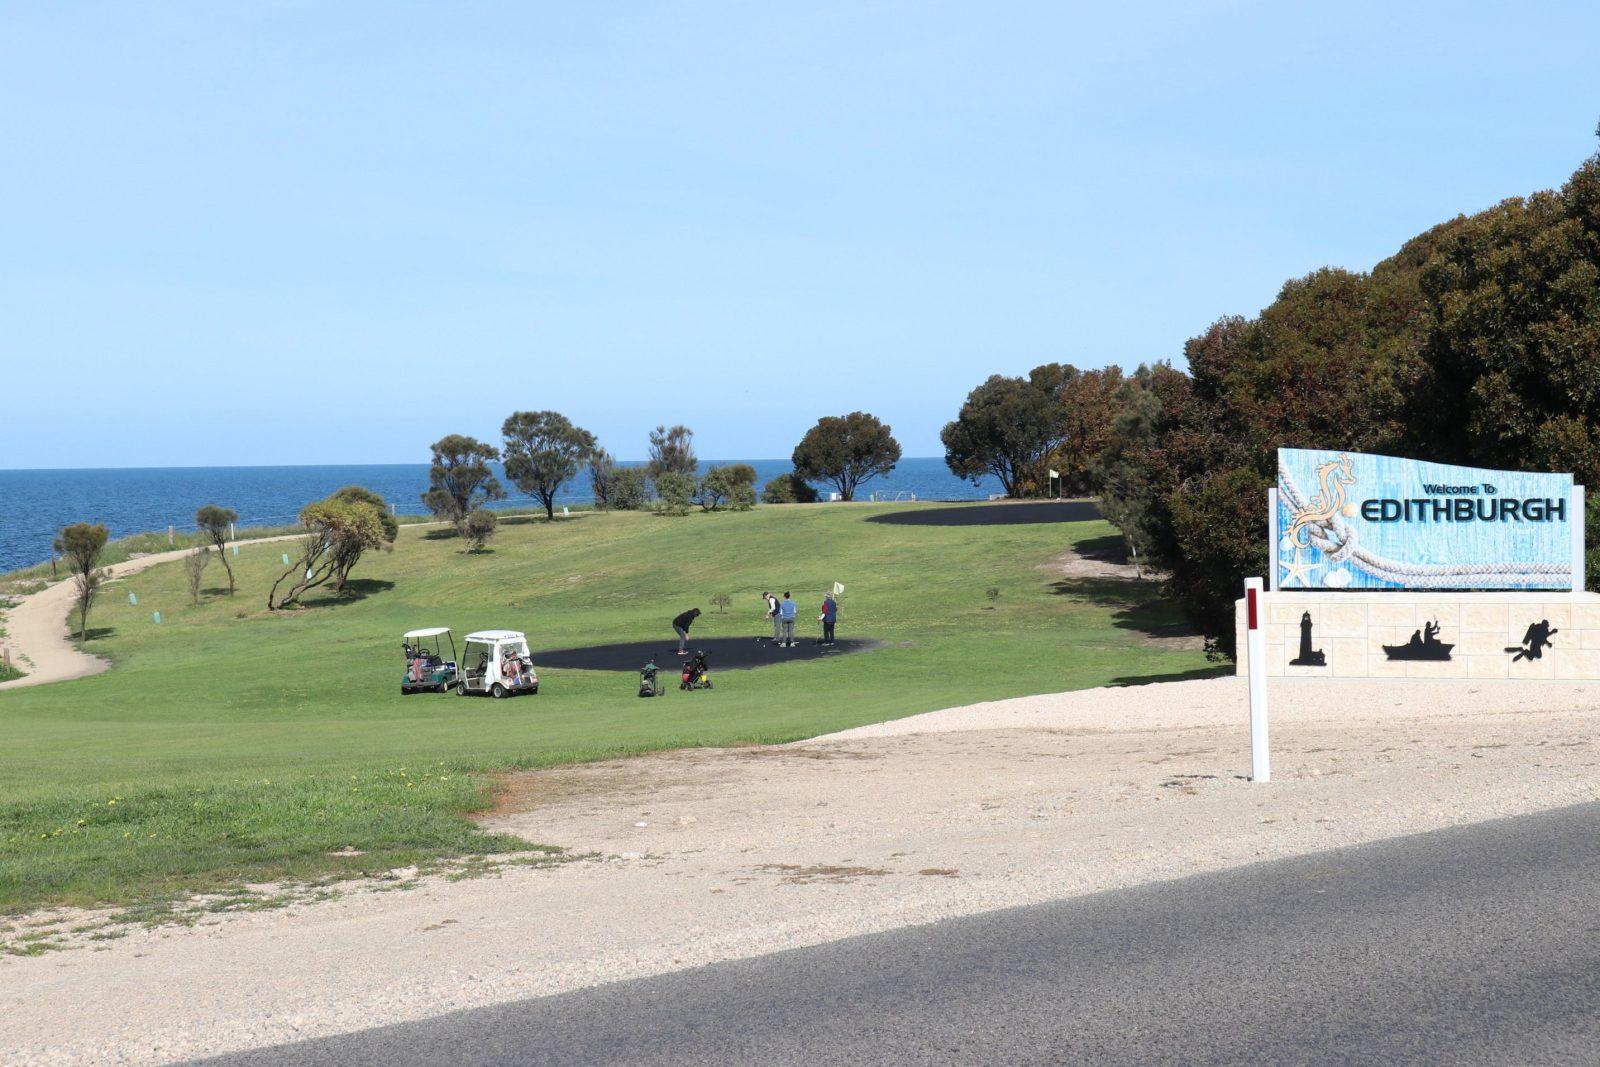 Edithburgh Golf Course